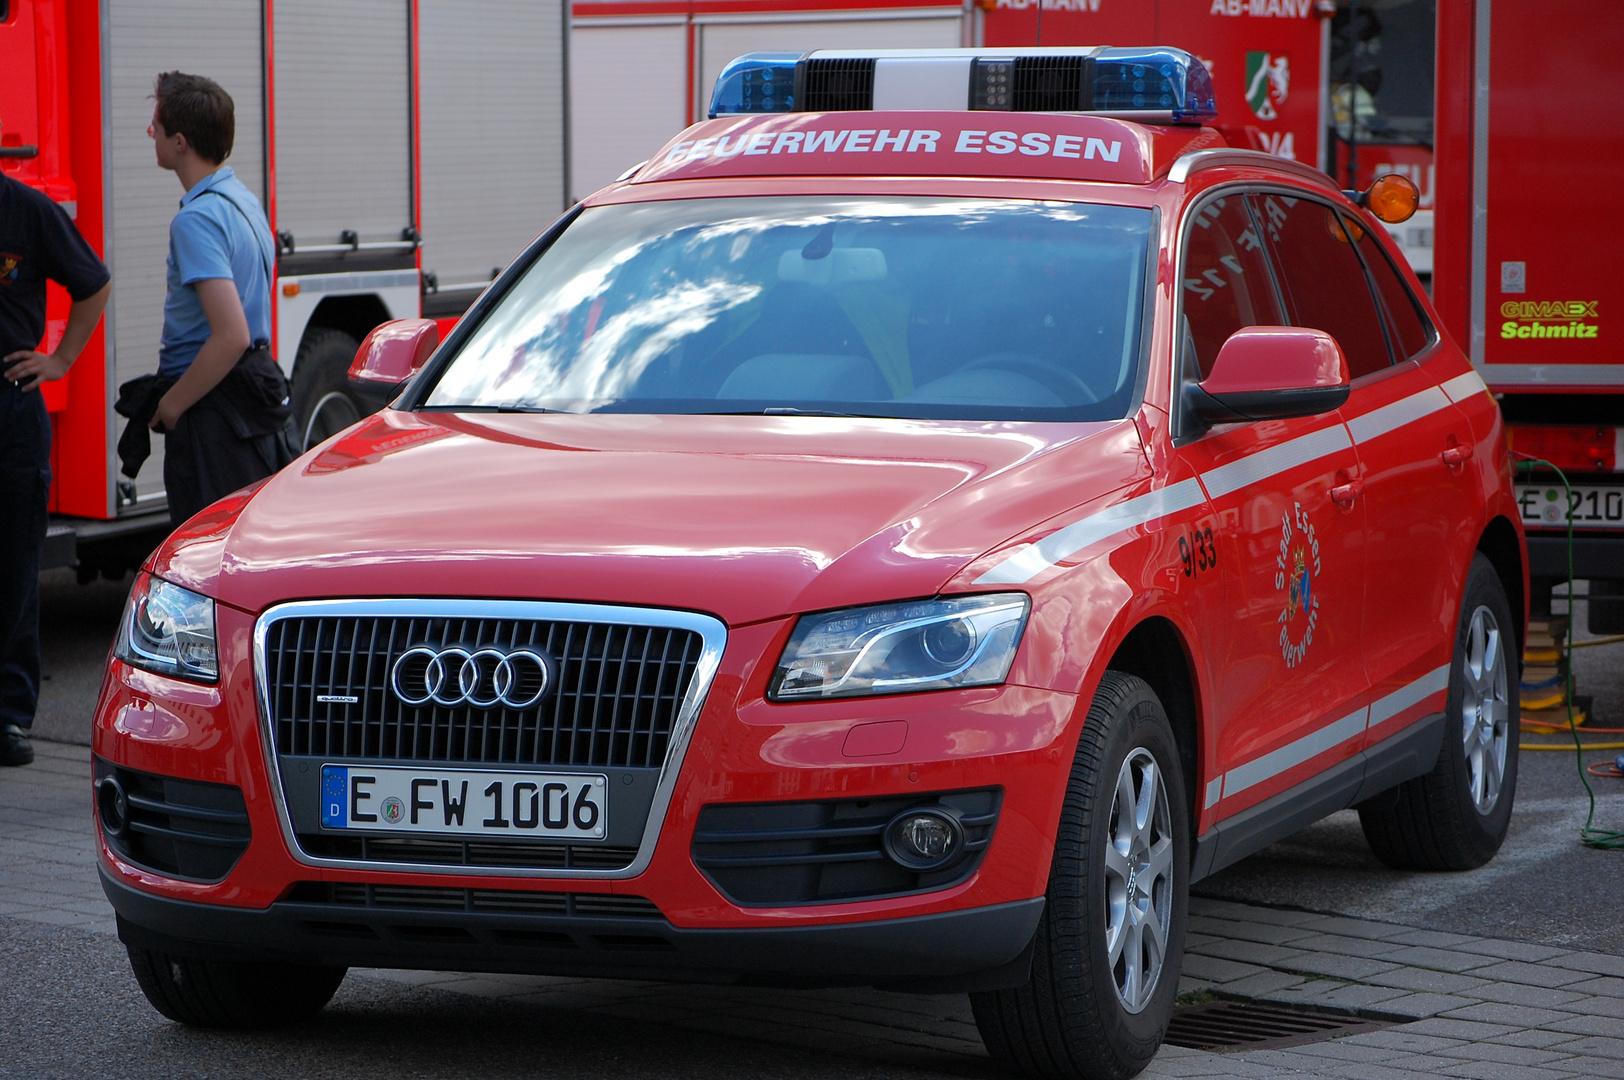 Audi Q5 Feuerwehr Essen